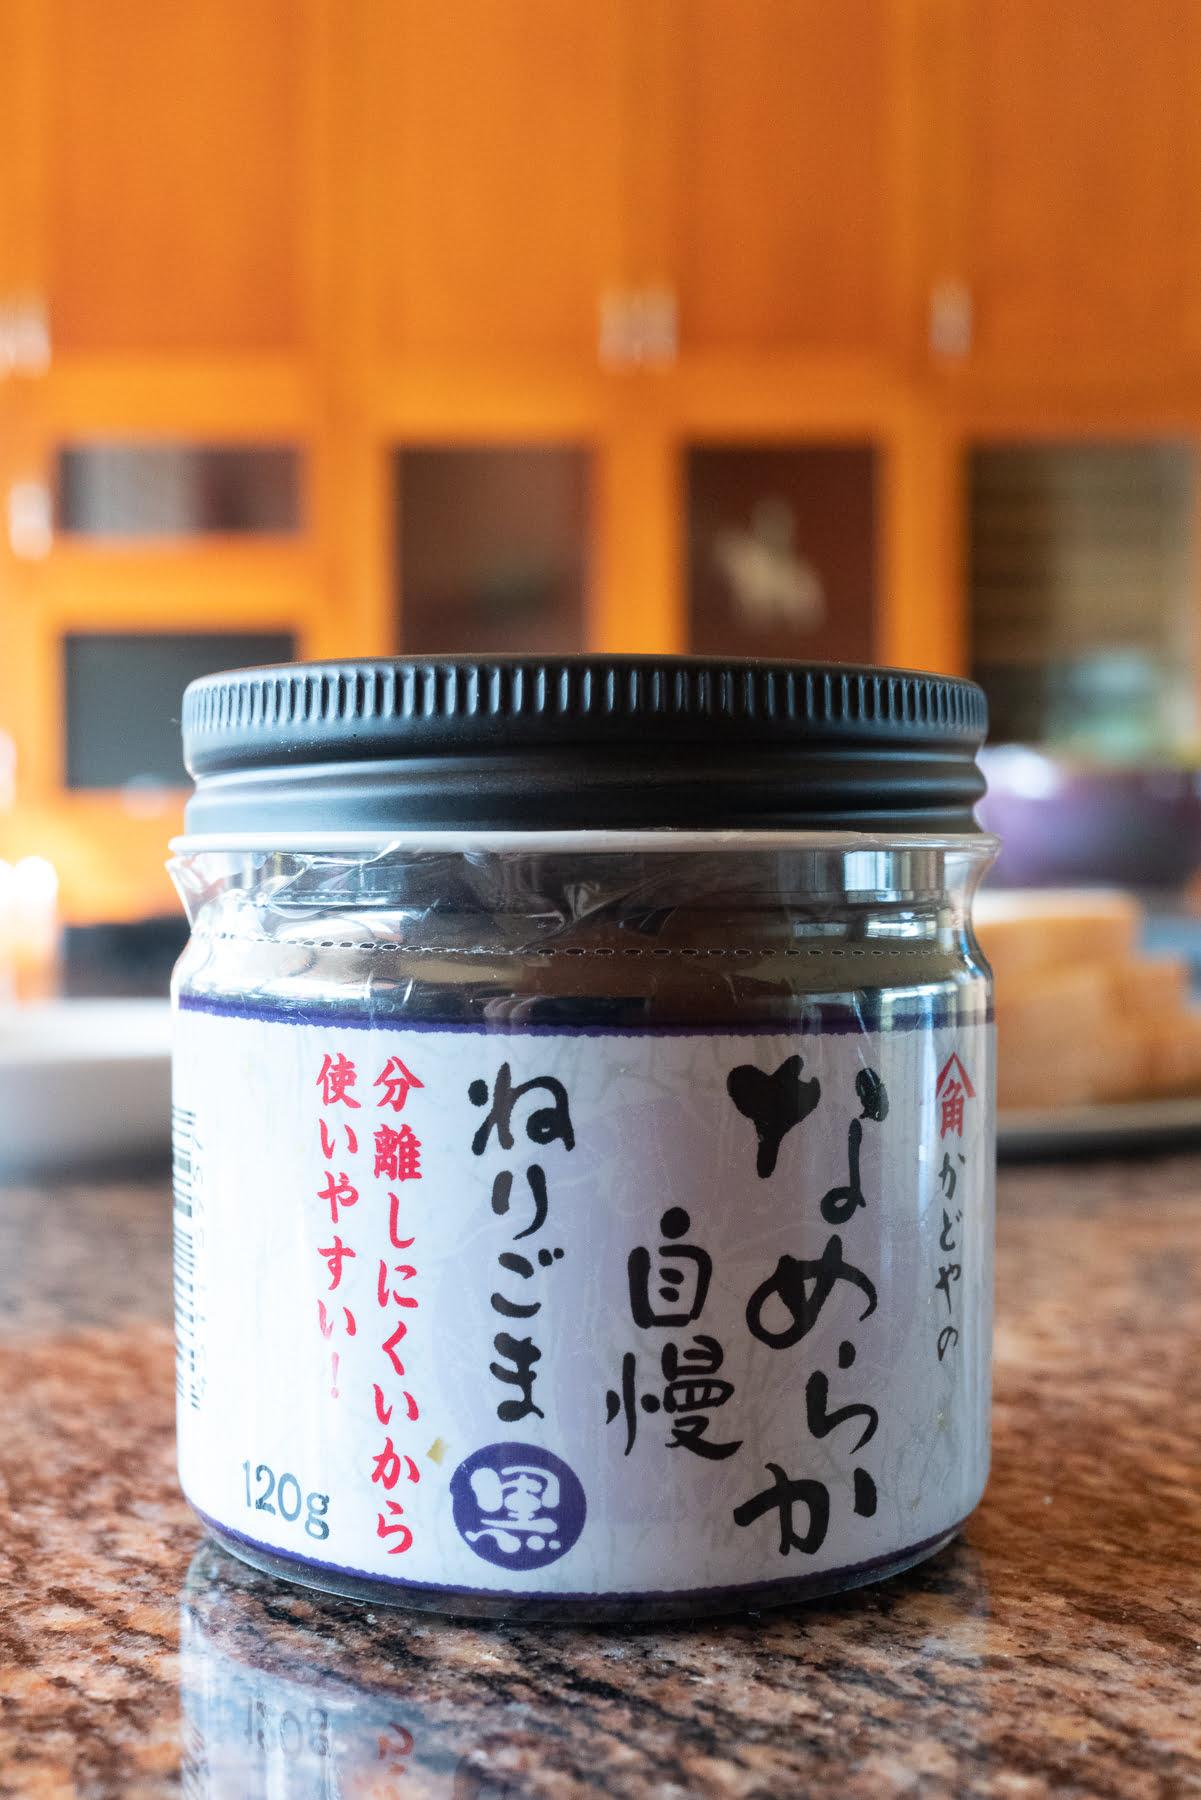 A jar of black sesame paste.